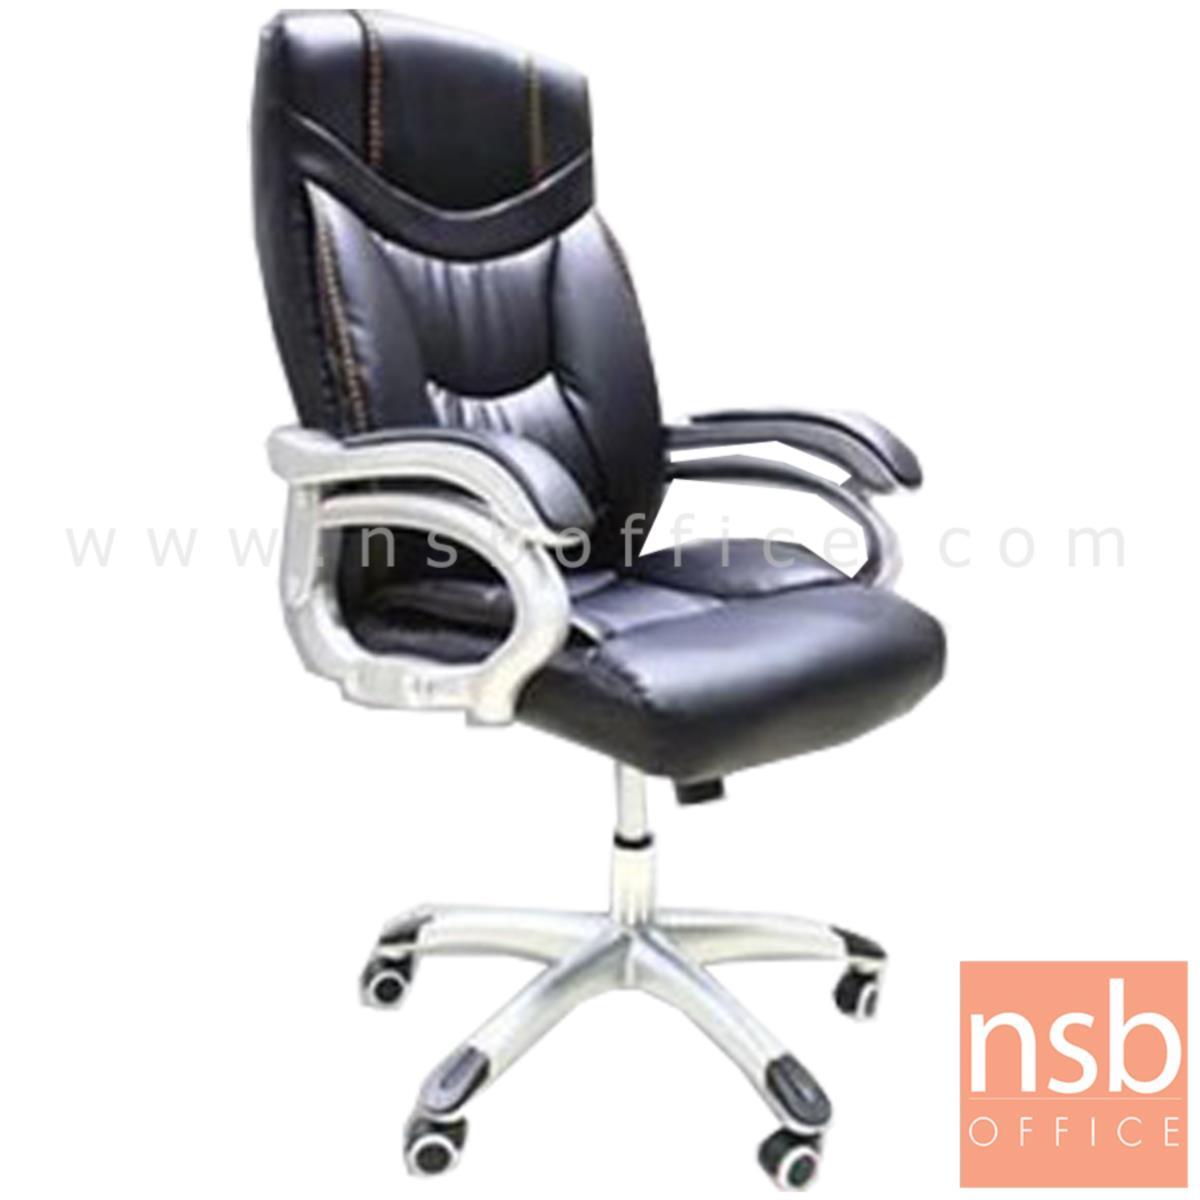 B01A501:เก้าอี้ผู้บริหาร รุ่น CALF (คาล์ฟ)  ขาเหล็ก